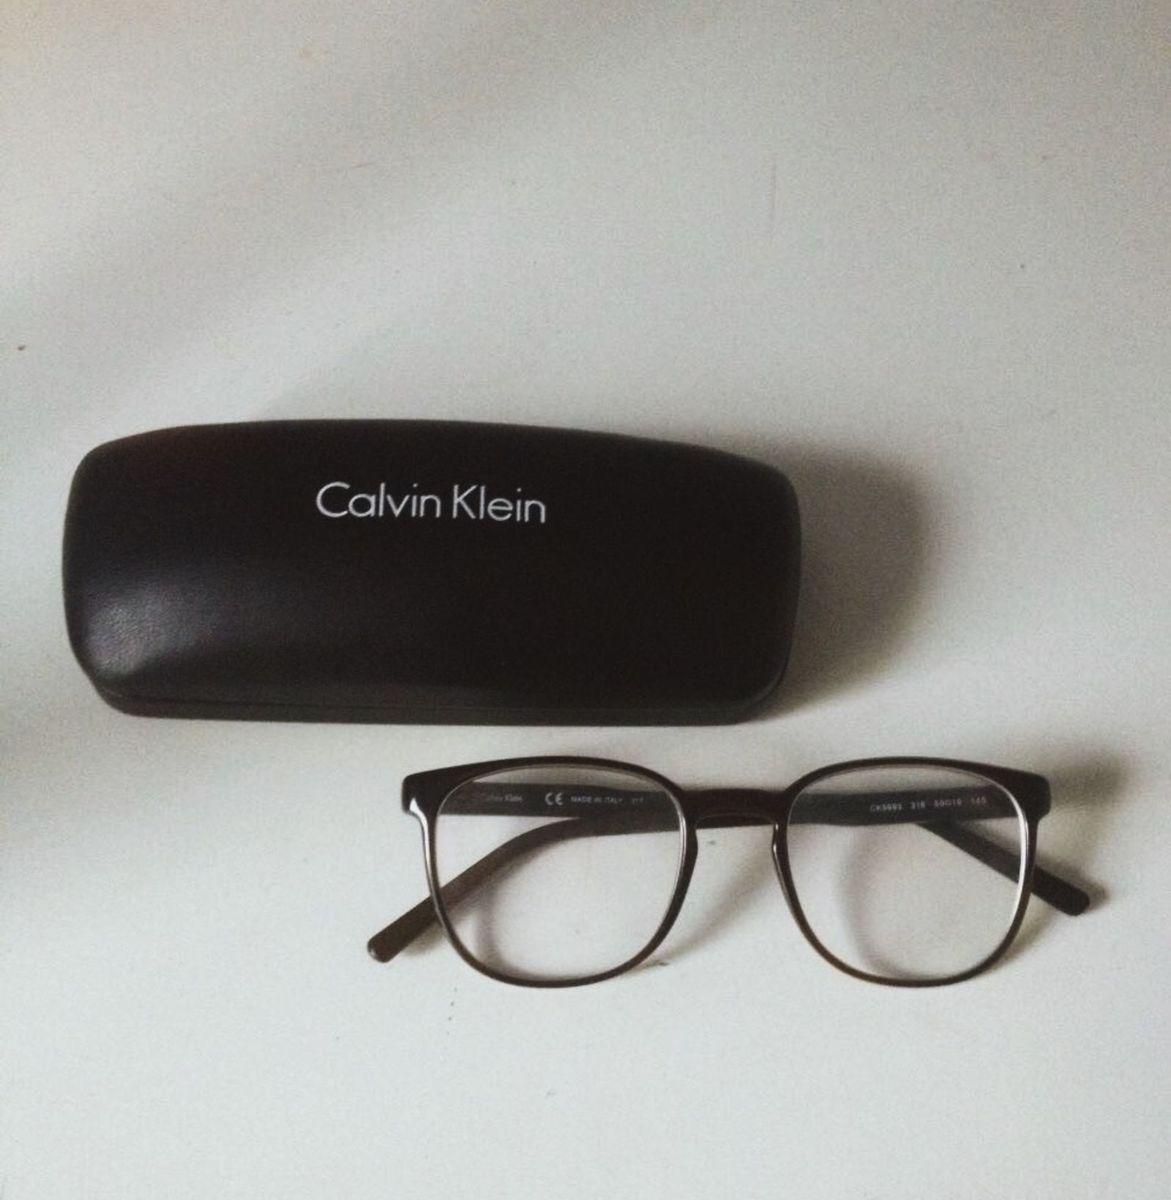 Calvin Klein Óculos de Grau   Óculos Masculino Calvin Klein Usado ... 5af46c690c